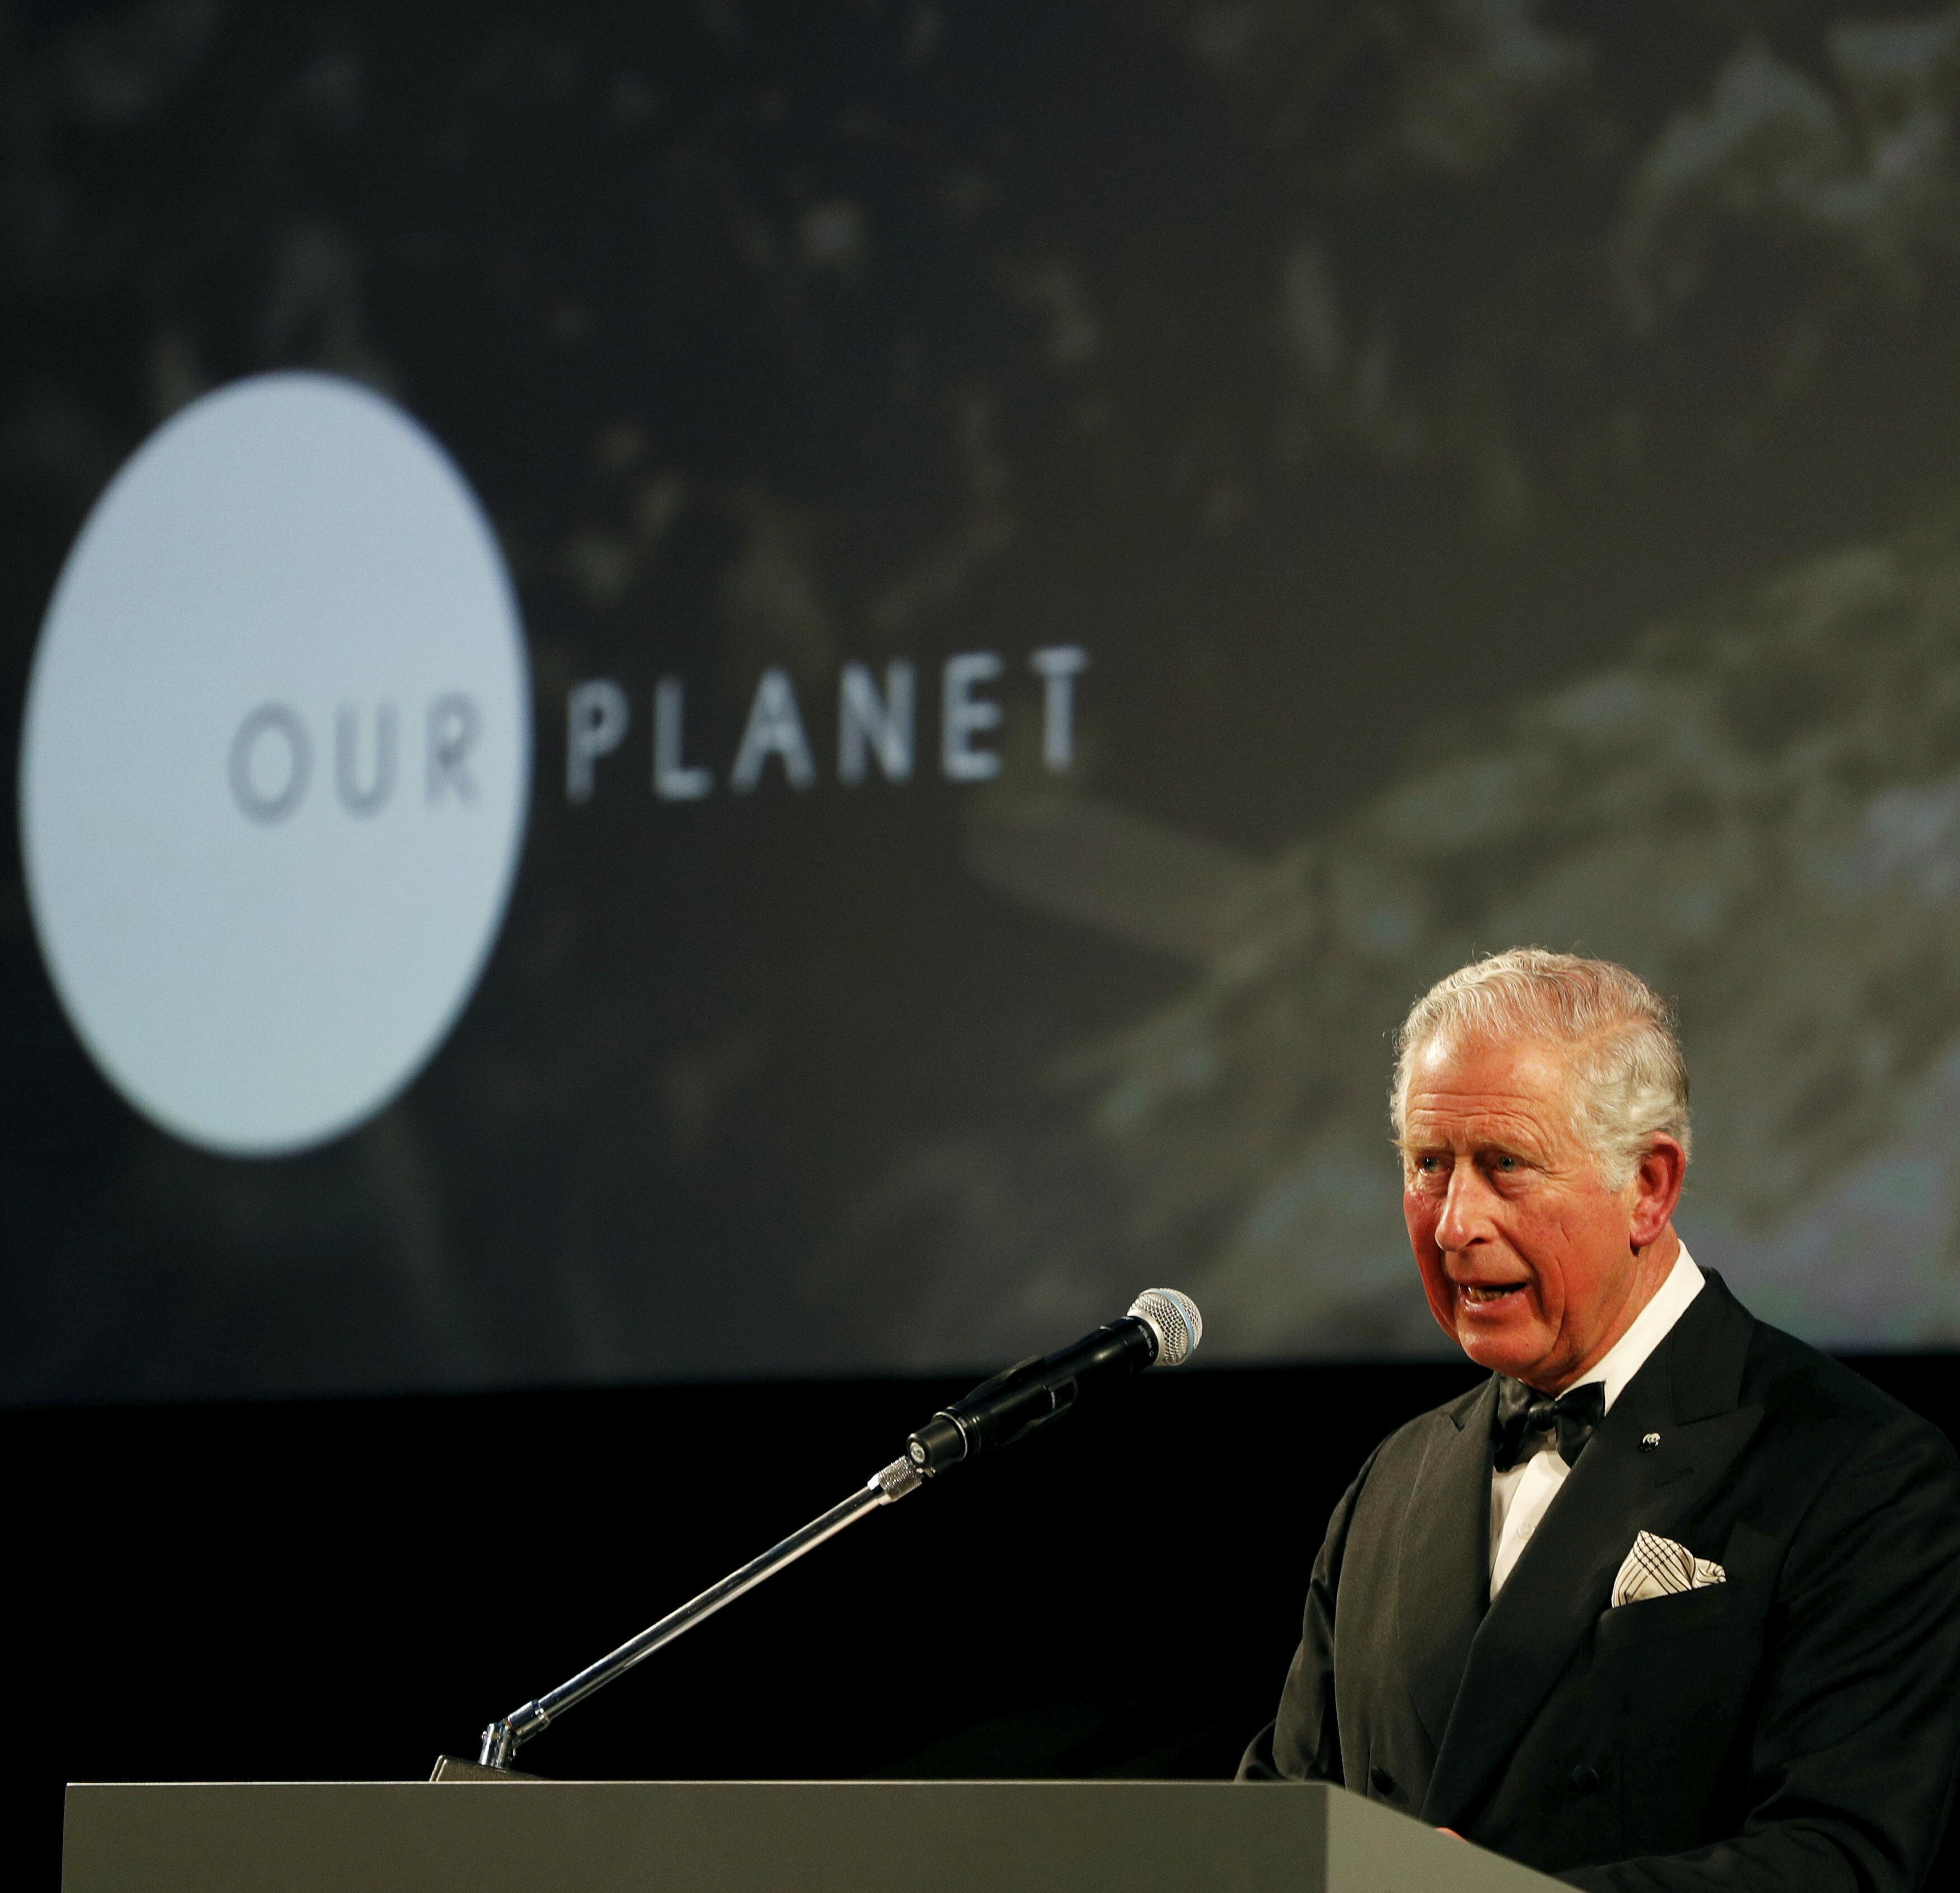 Charles se dirigió a los asistentes al estreno. El príncipe de Gales hizo su primer discurso sobre el medio ambiente en 1968 y desde entonces ha alzado su voz en pro del planeta. (AP)